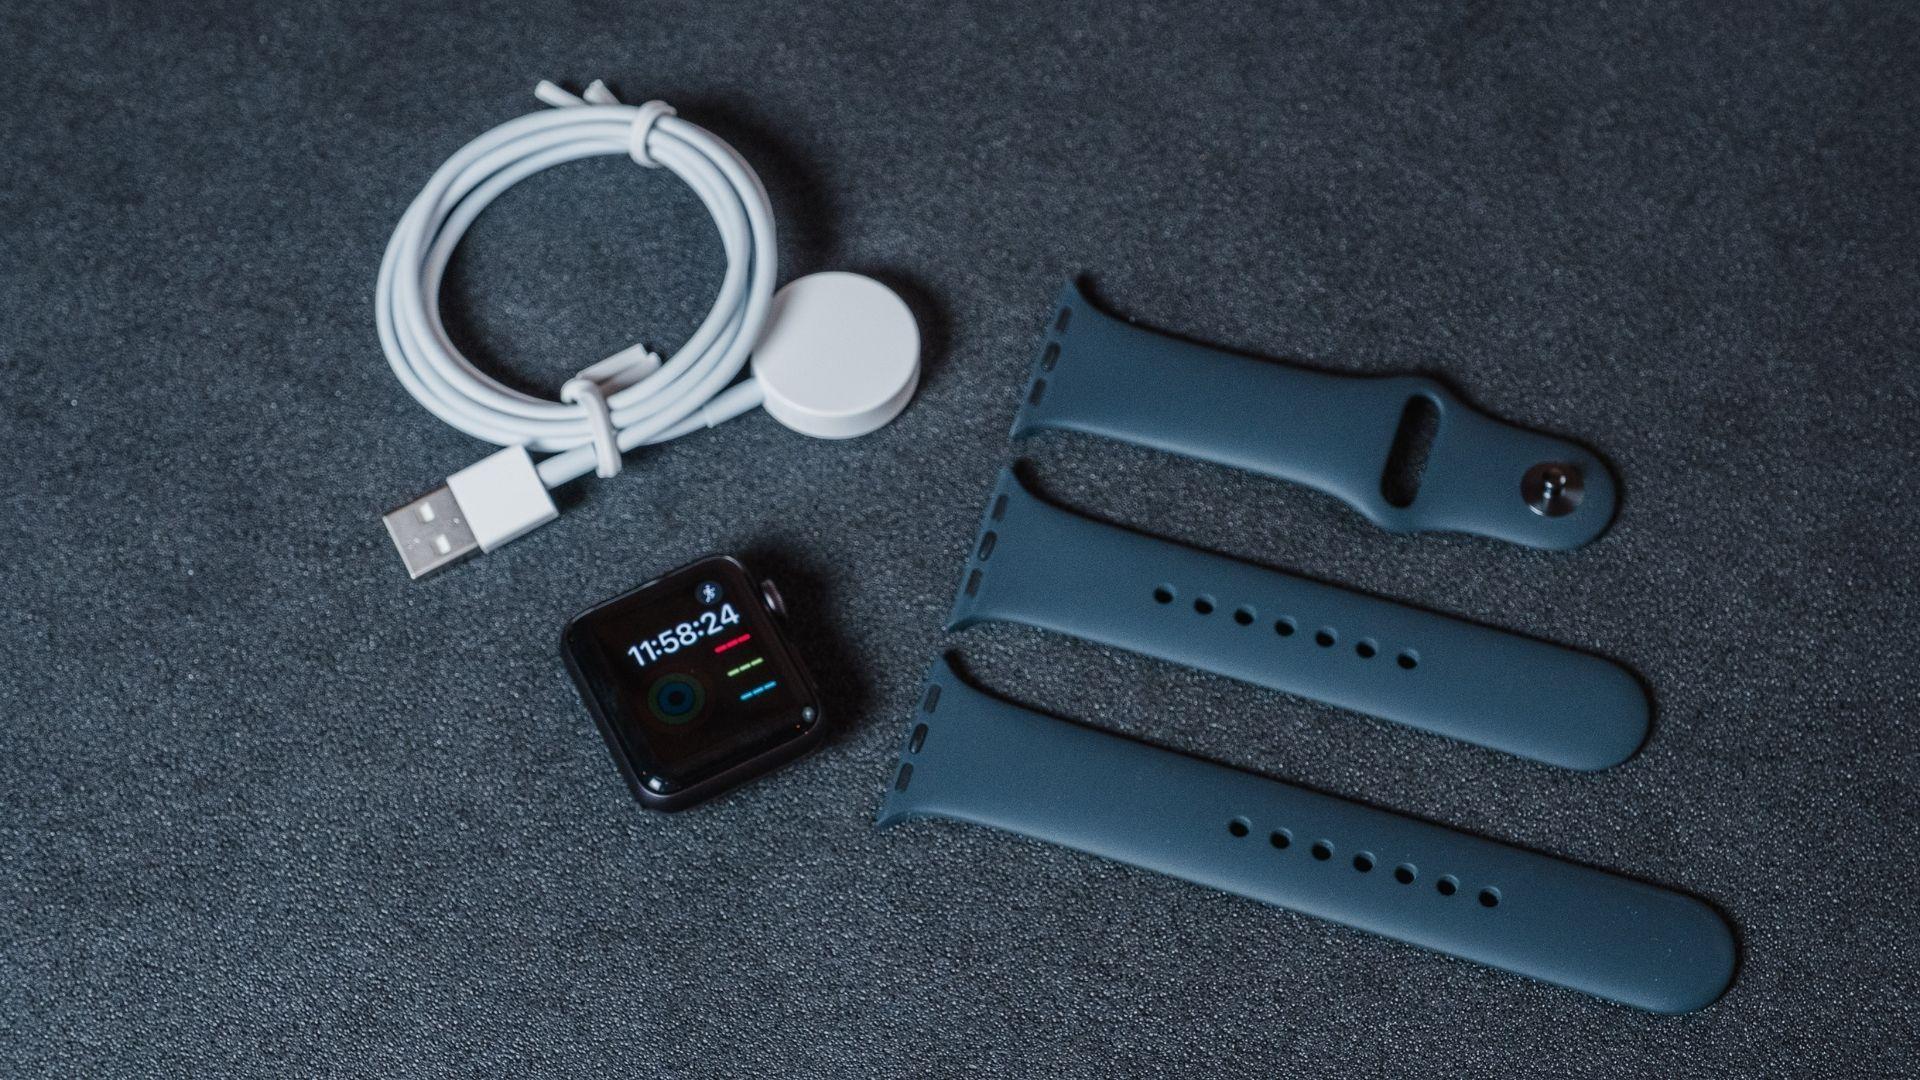 Caixa, pulseiras e carregador do Apple Watch 3 em um fundo cinza